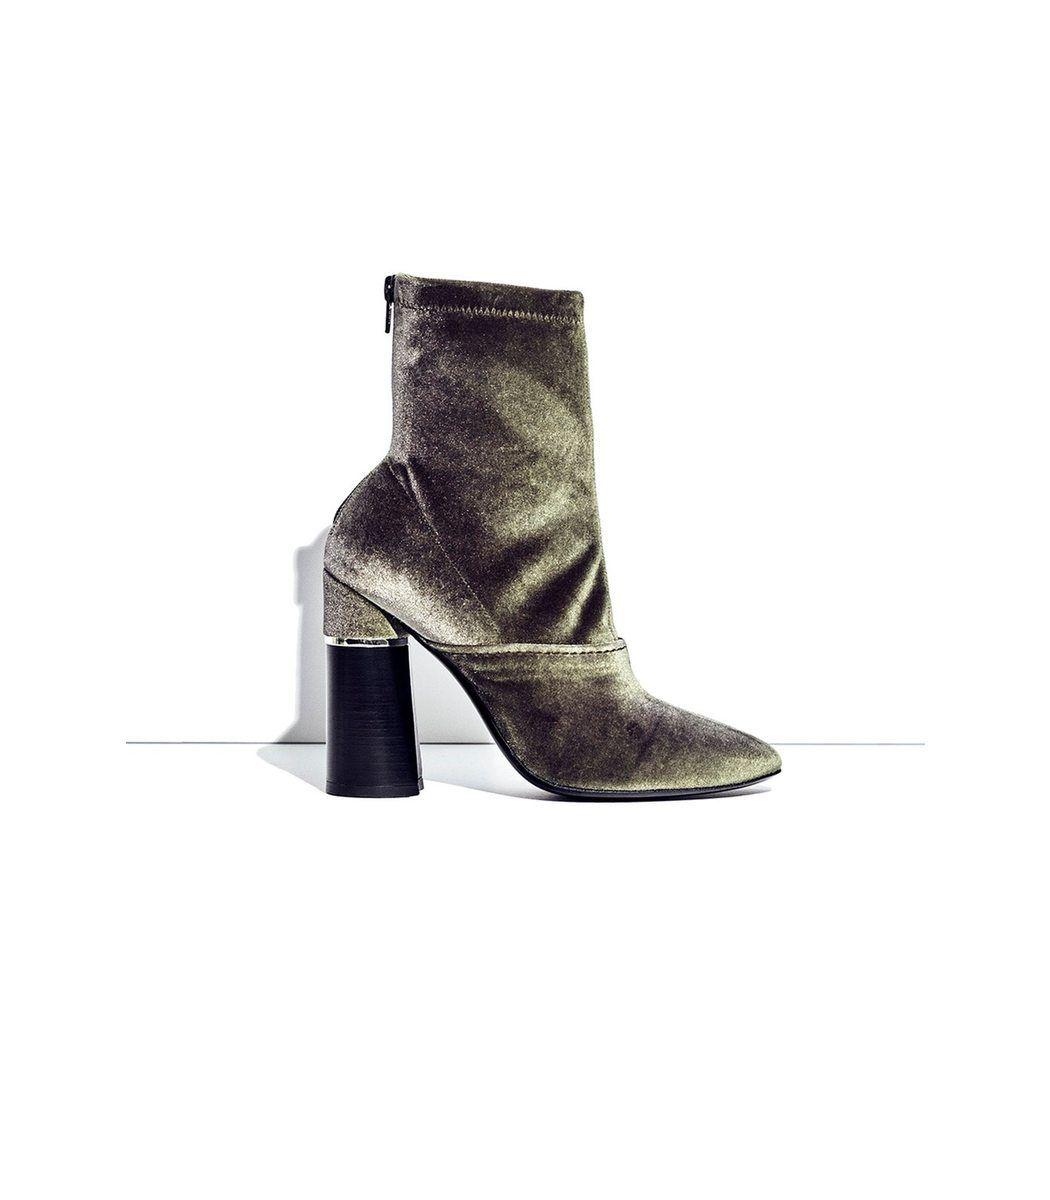 3.1 Phillip Lim Designer Shoes, Kyoto Olive Velvet Stretch High Heel Ankle Boots